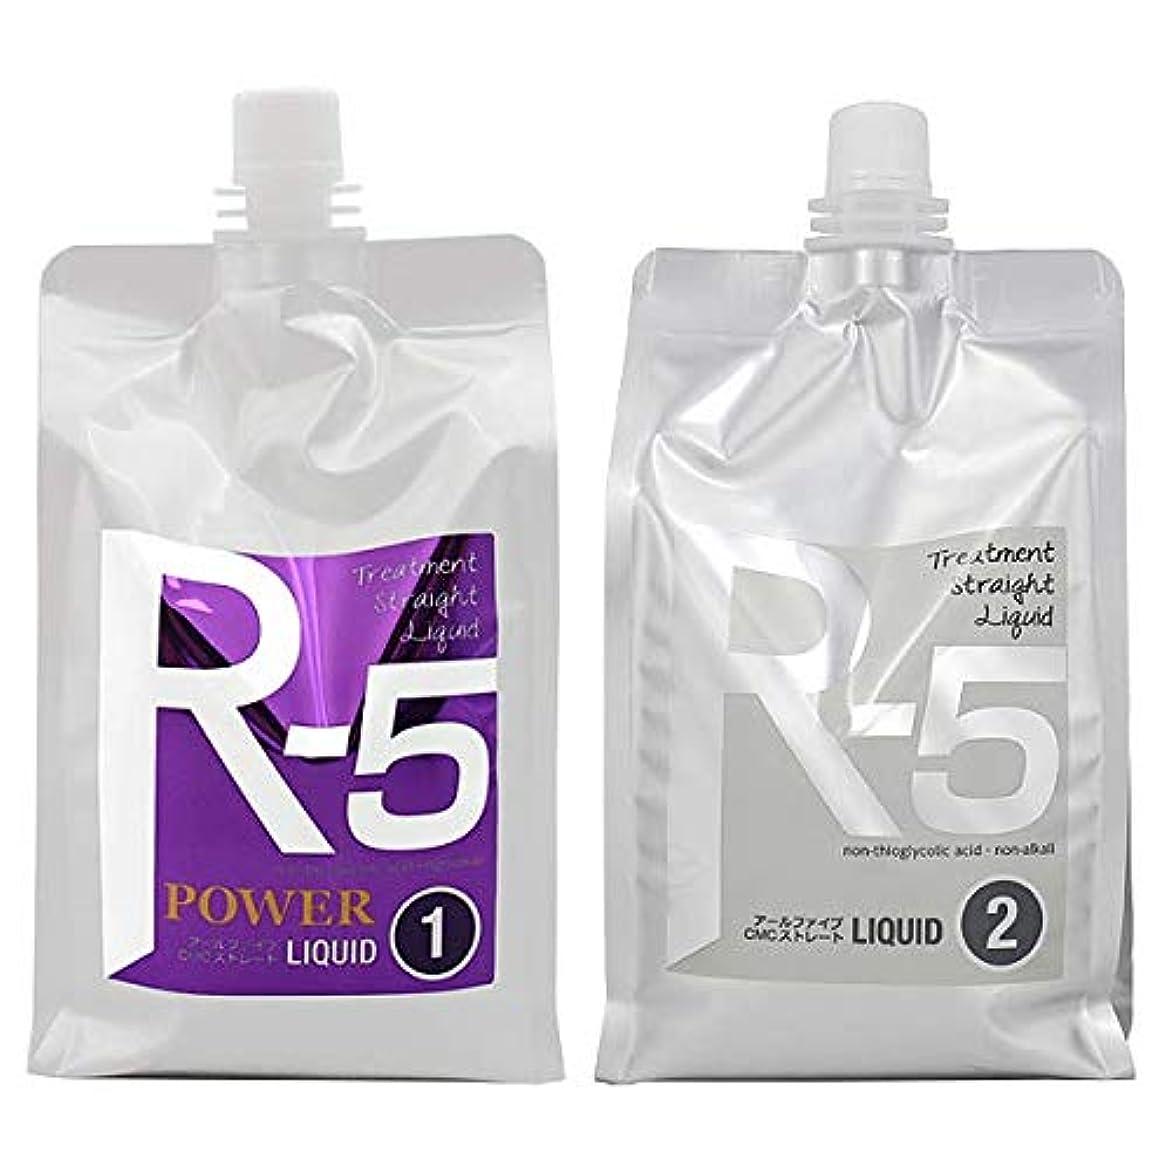 逆にフリースわずらわしいCMCトリートメントストレート R-5 パープル(パワー) ストレート剤